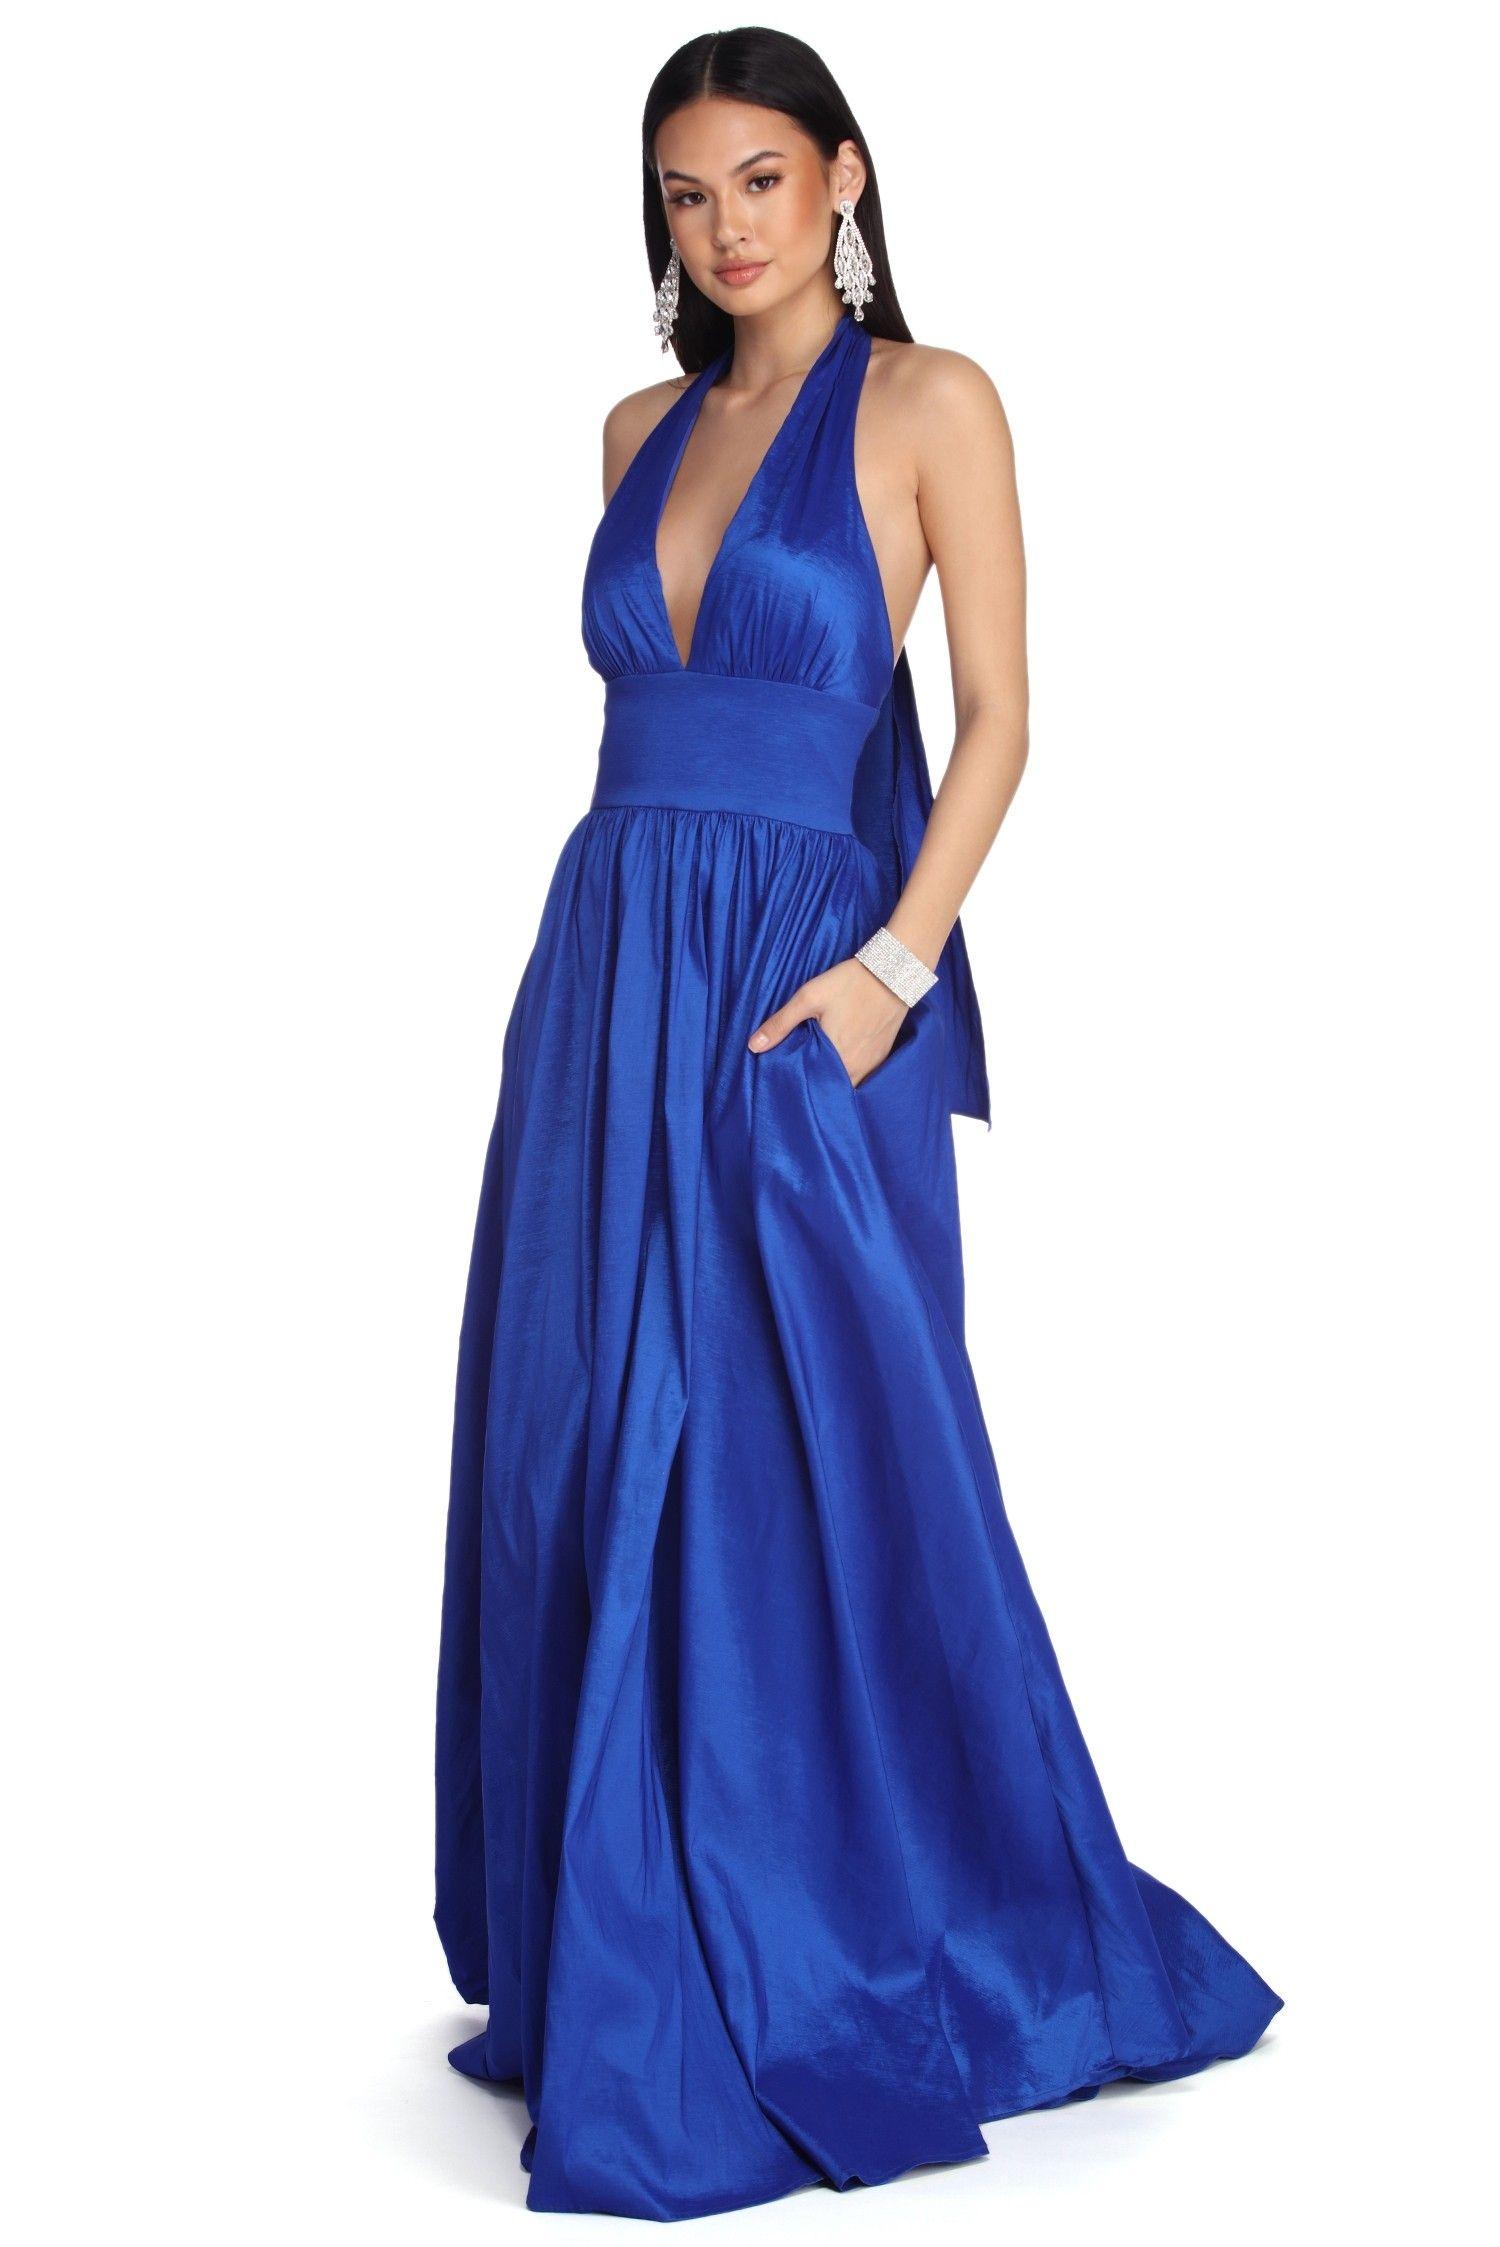 Royal blue prom dresses windsor